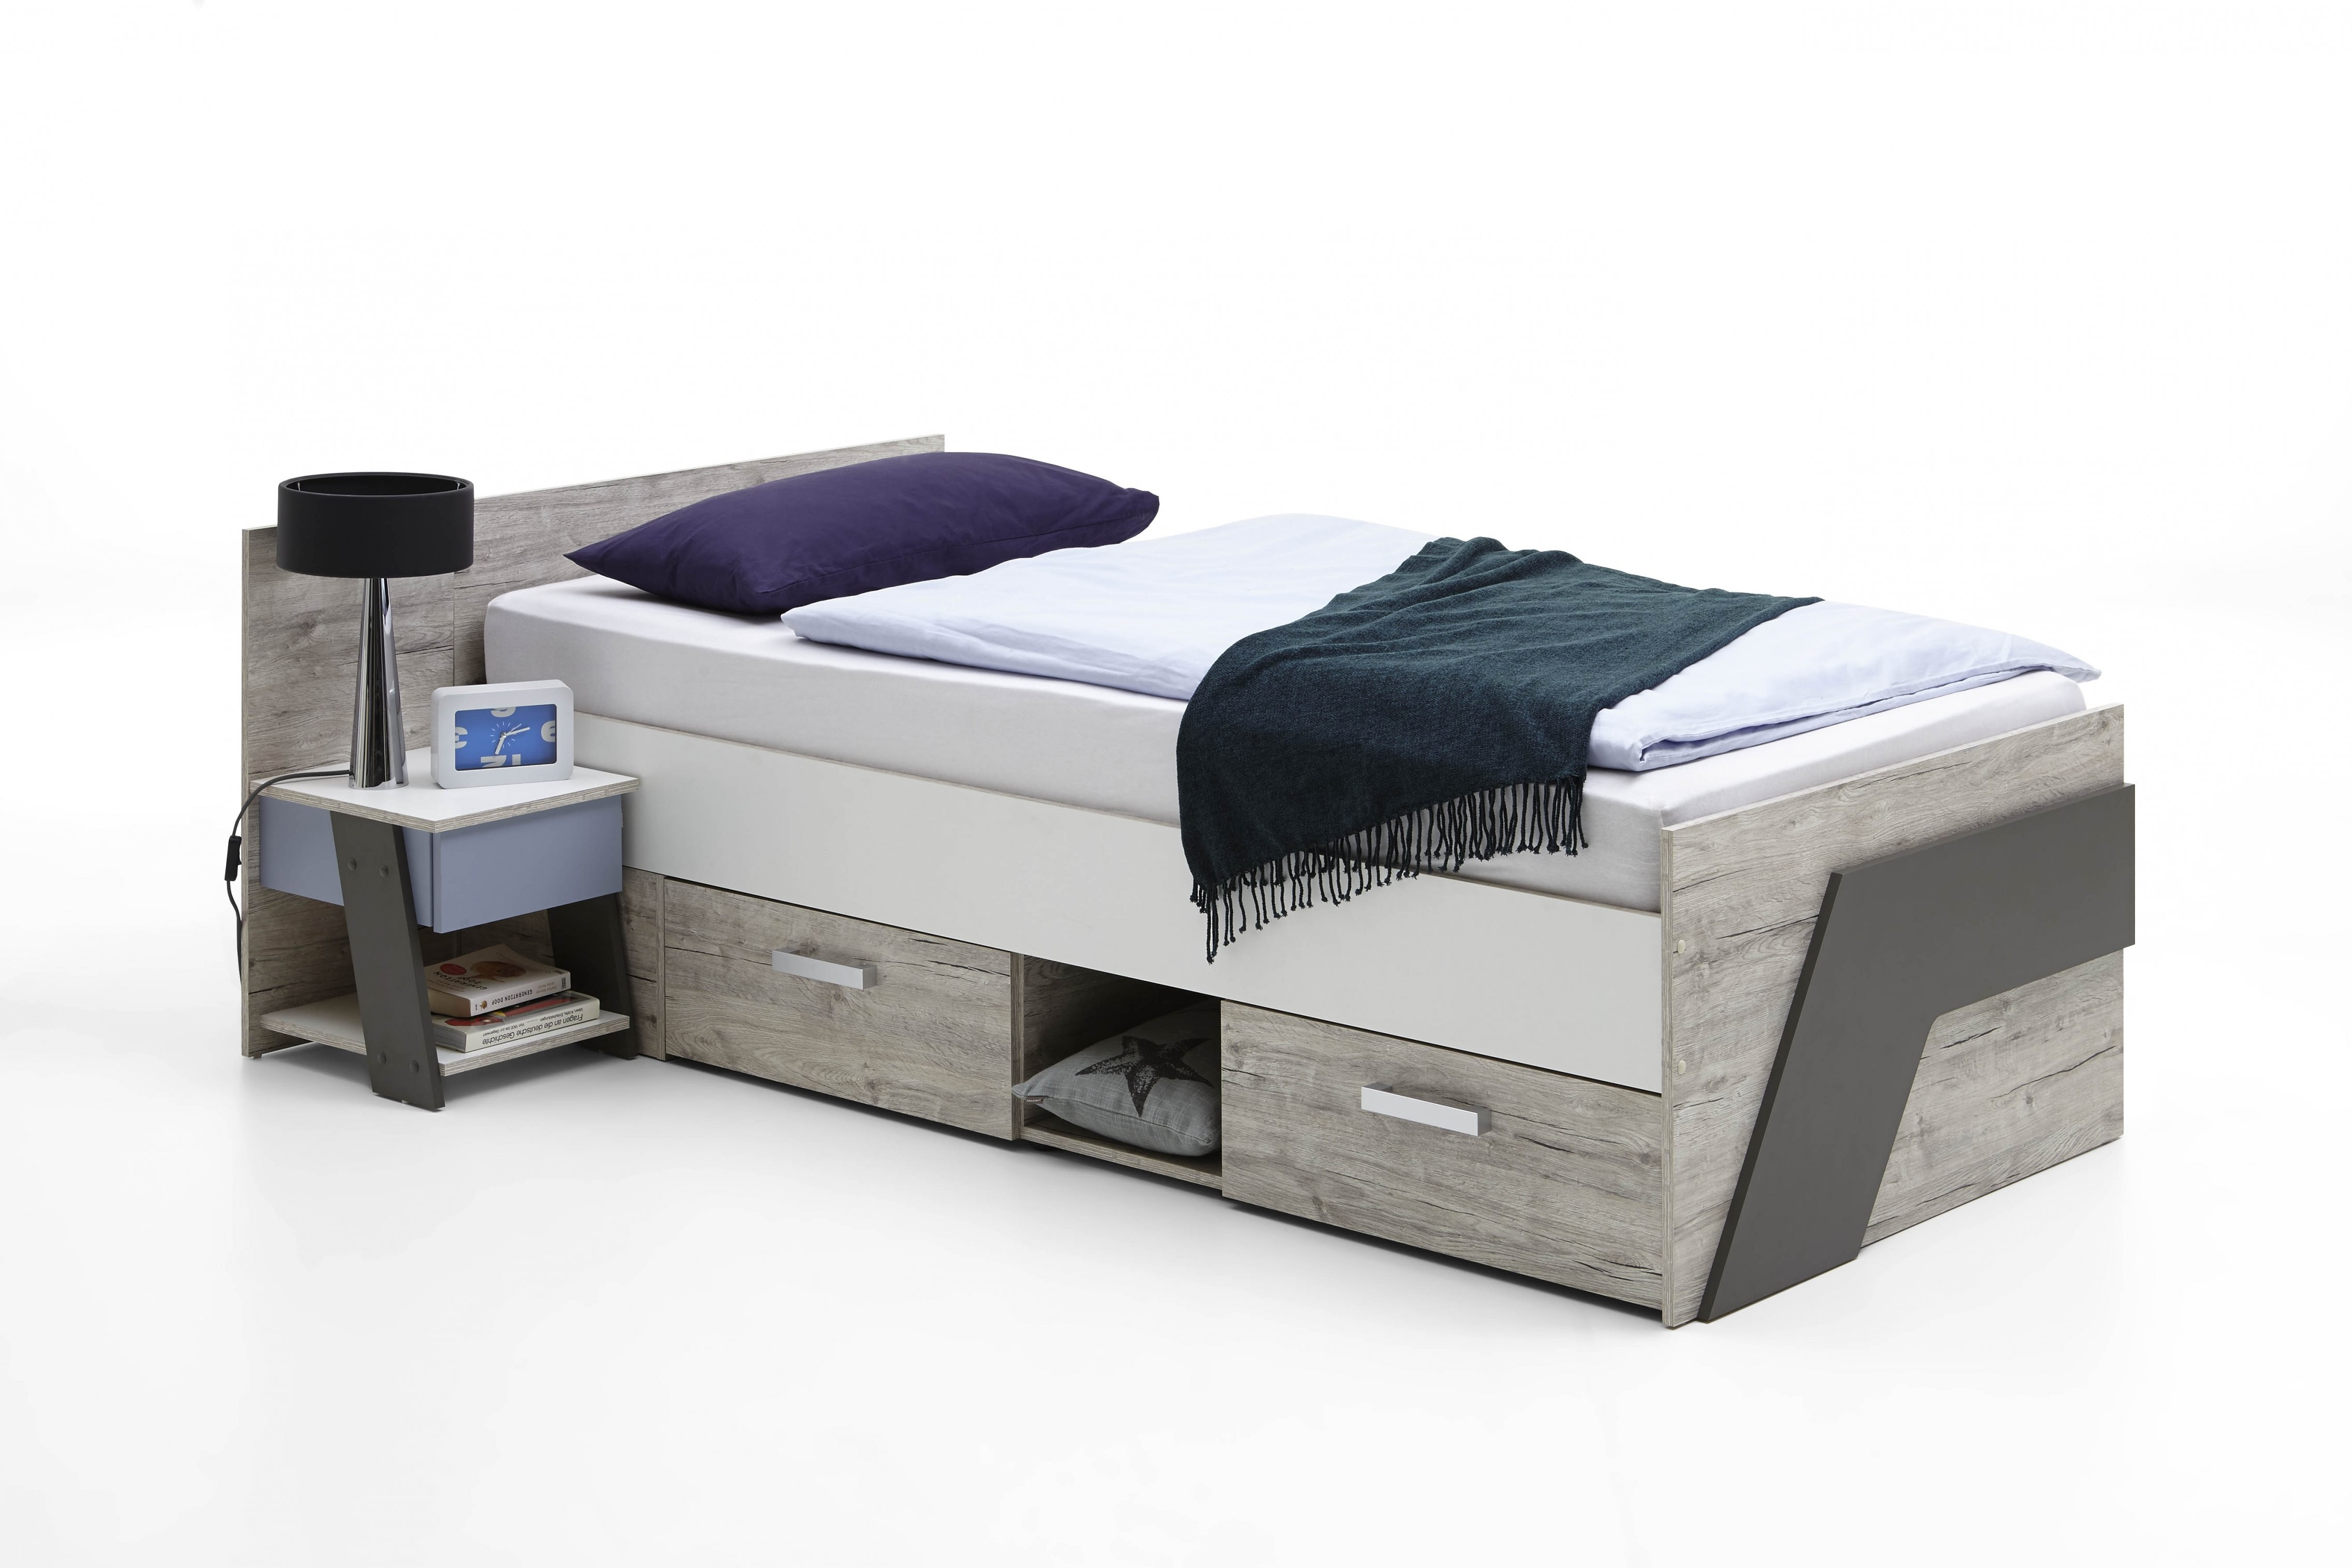 Nona 1 90X200 Bett Inkl 2 Schubladen Von Fmd Sandeiche  Weiß  Lava von Bett 90X200 Weiß Mit Schubladen Bild